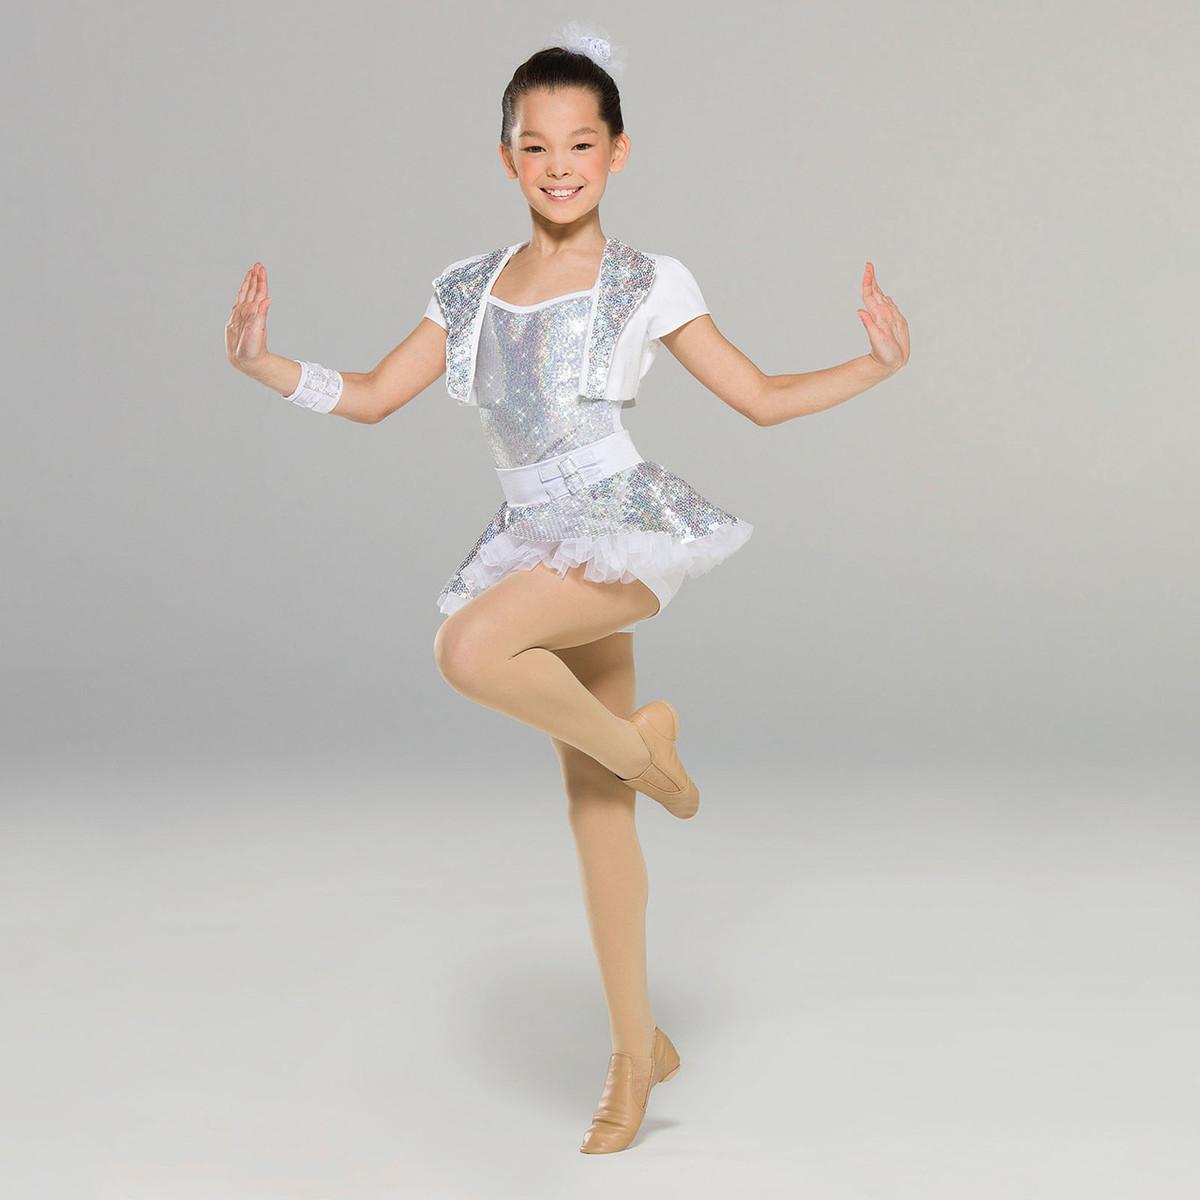 BETTER WHEN I'M DANCIN'